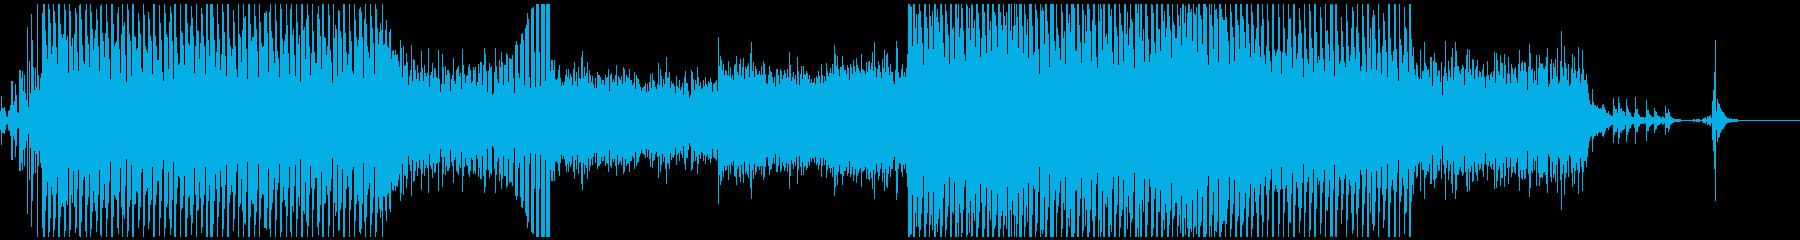 戦闘系トランスBGMの再生済みの波形